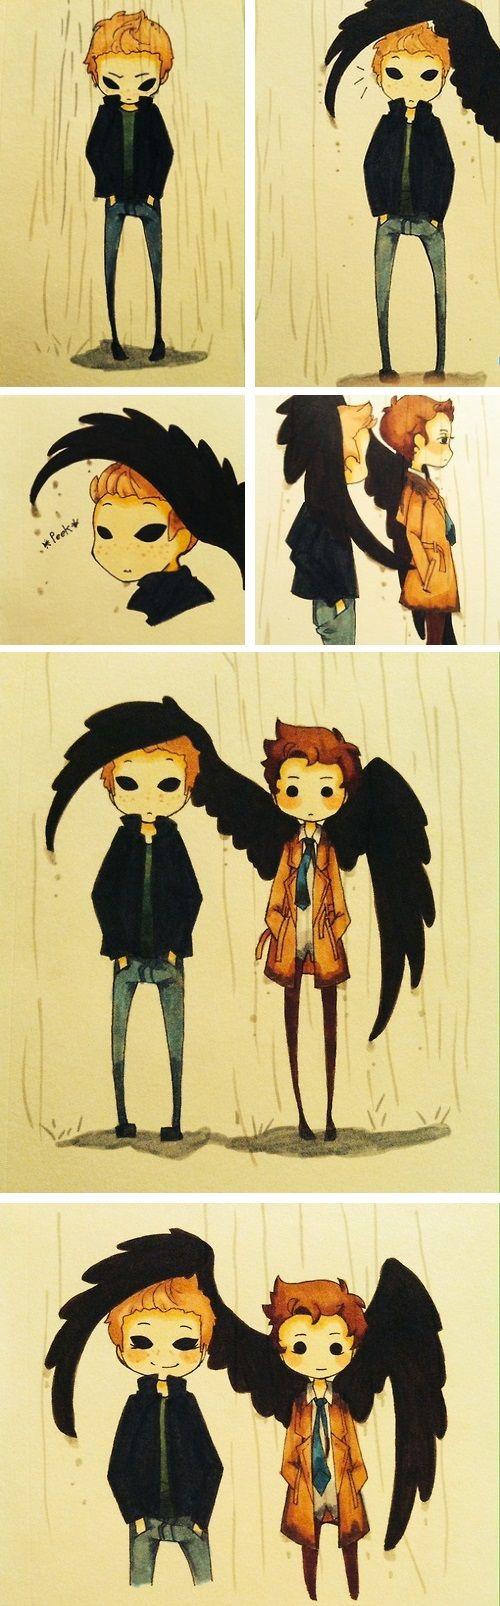 Demon!Dean and Castiel ||| Destiel ||| Supernatural Fan Art by cellstiel on Tumblr